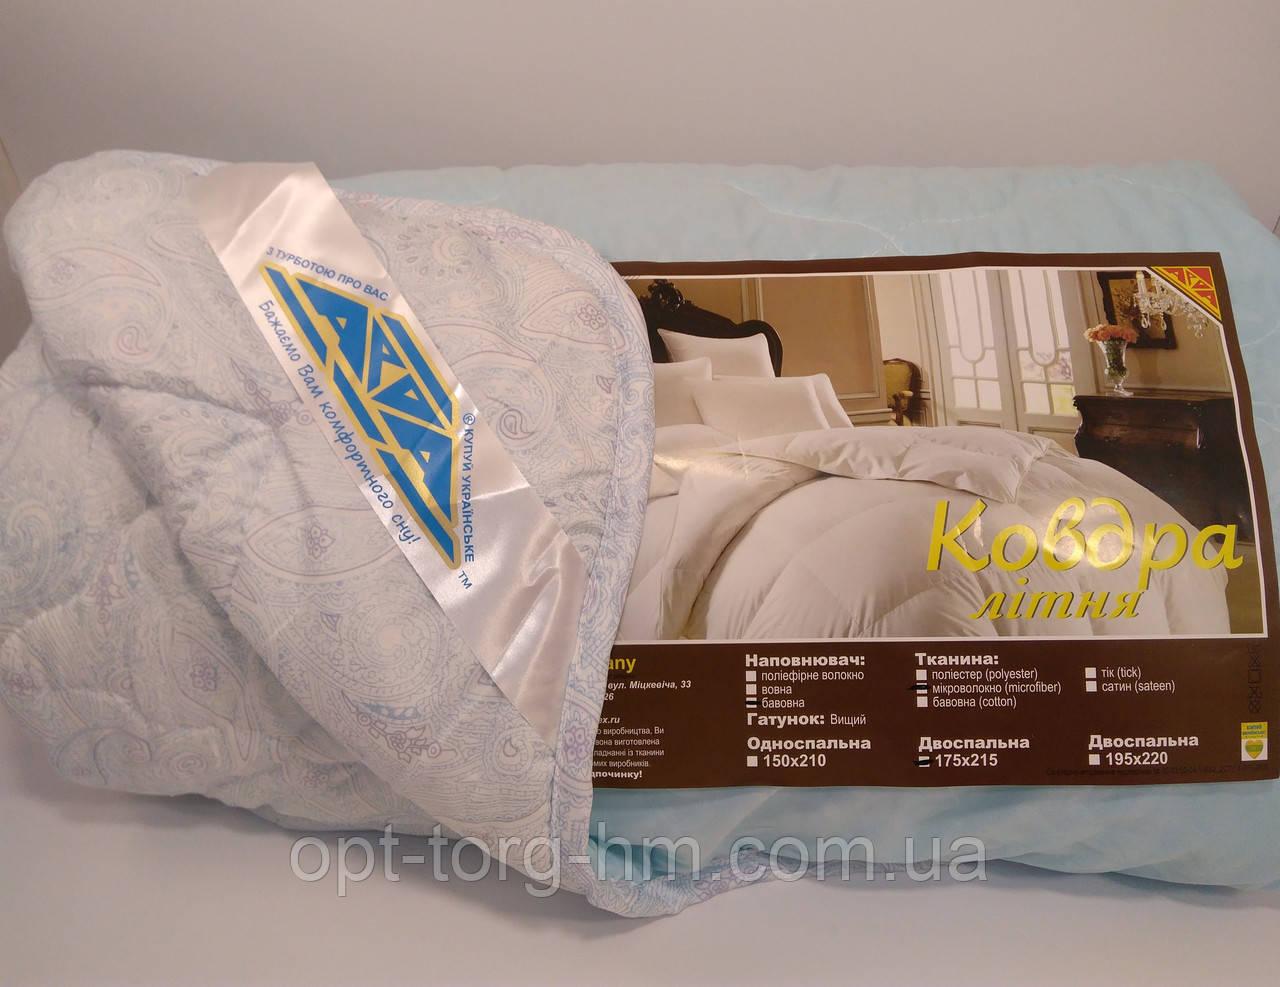 Летнее одеяло 195*220 ARDA Company (коттон, микрофибра)